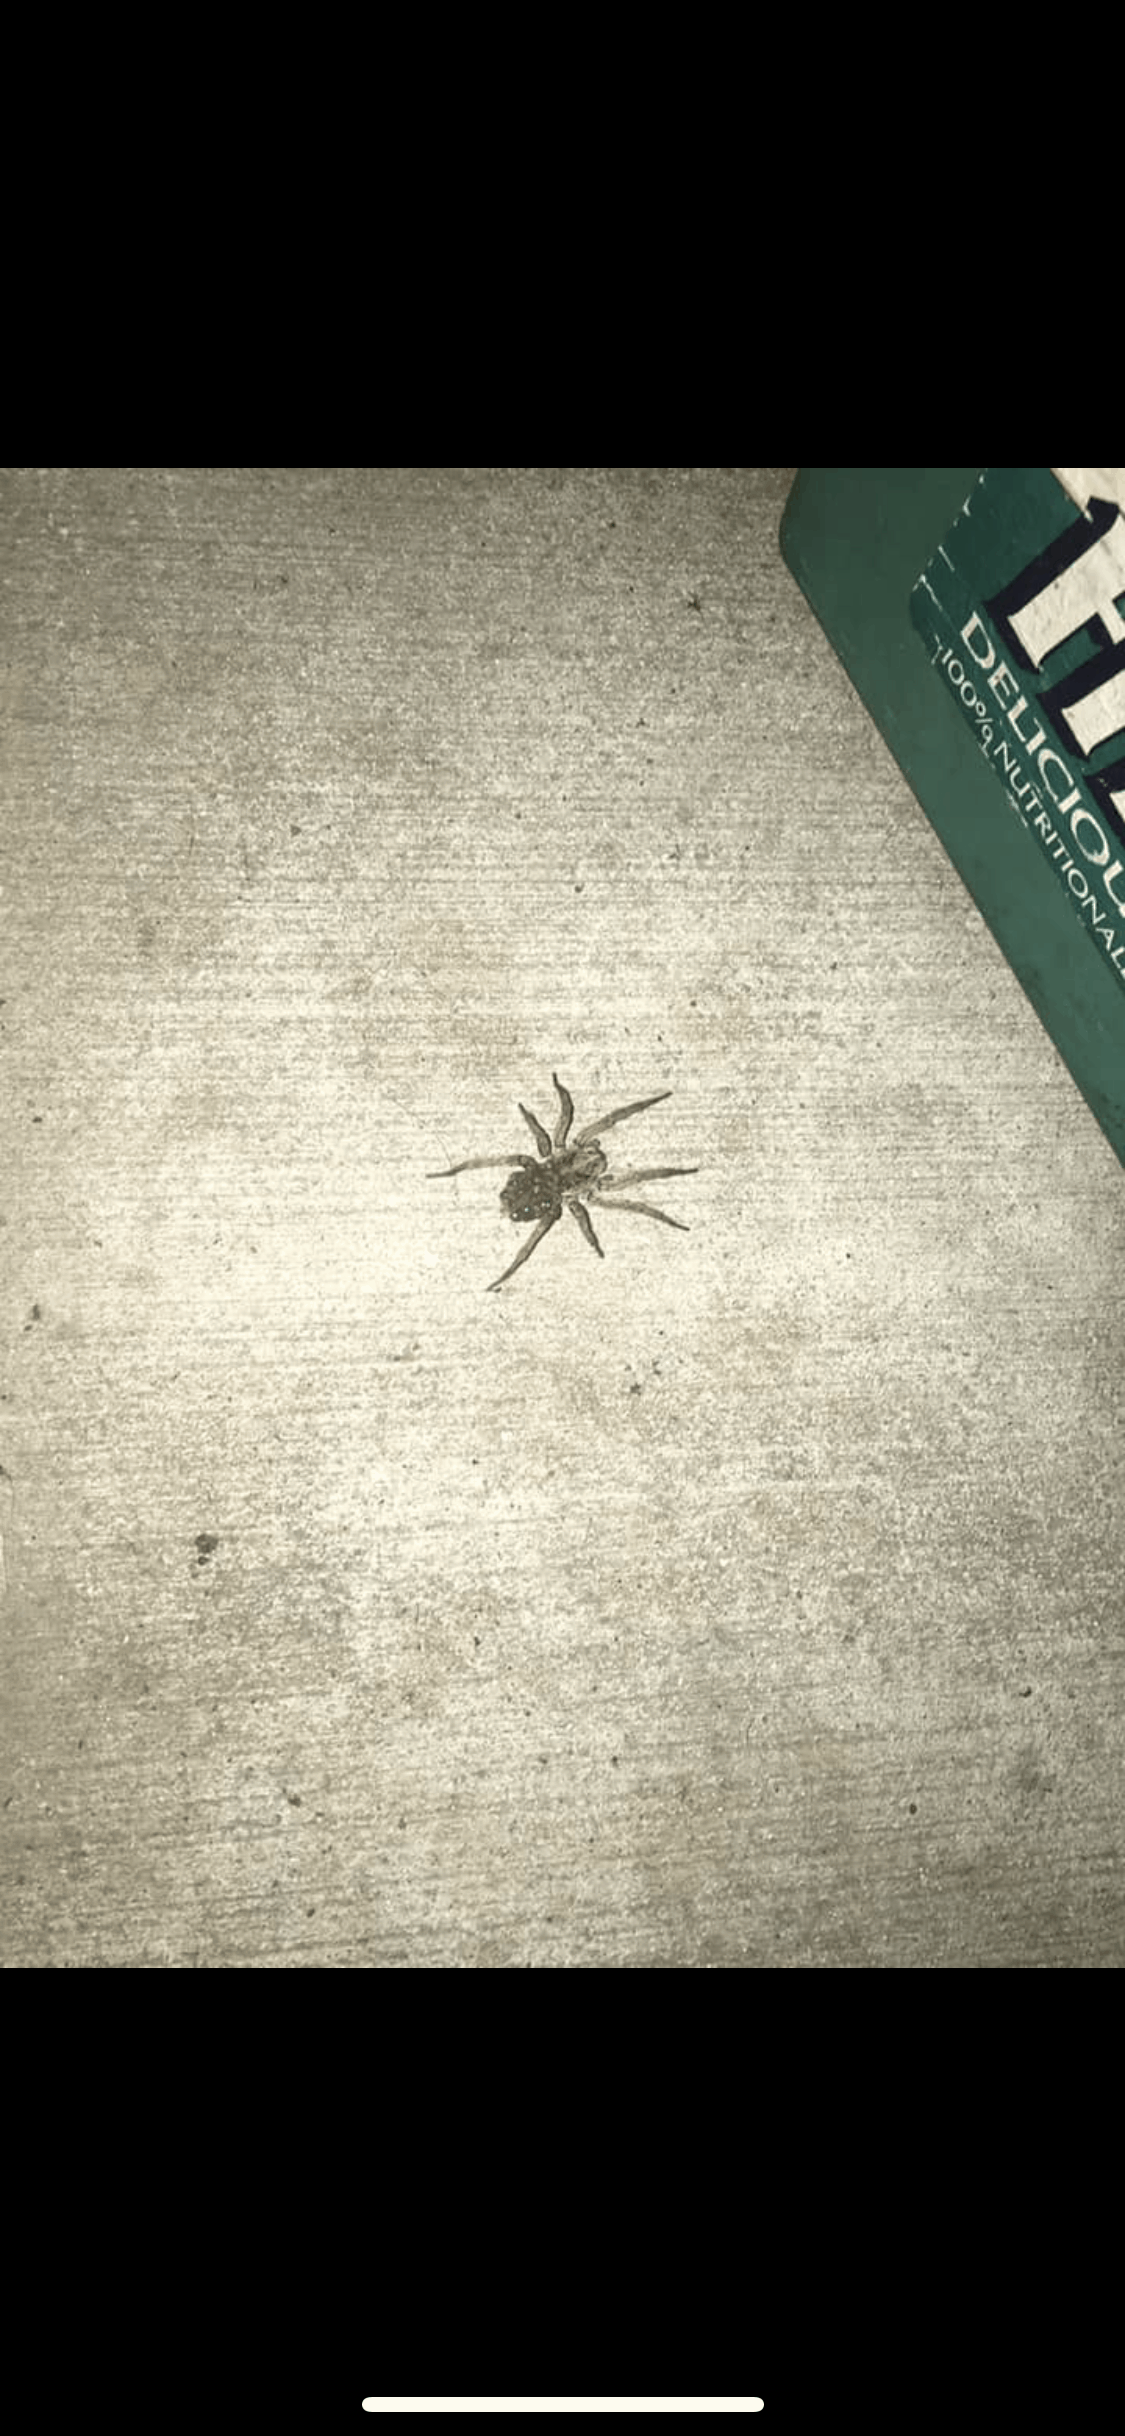 Picture of Hogna - Female - Dorsal,Spiderlings